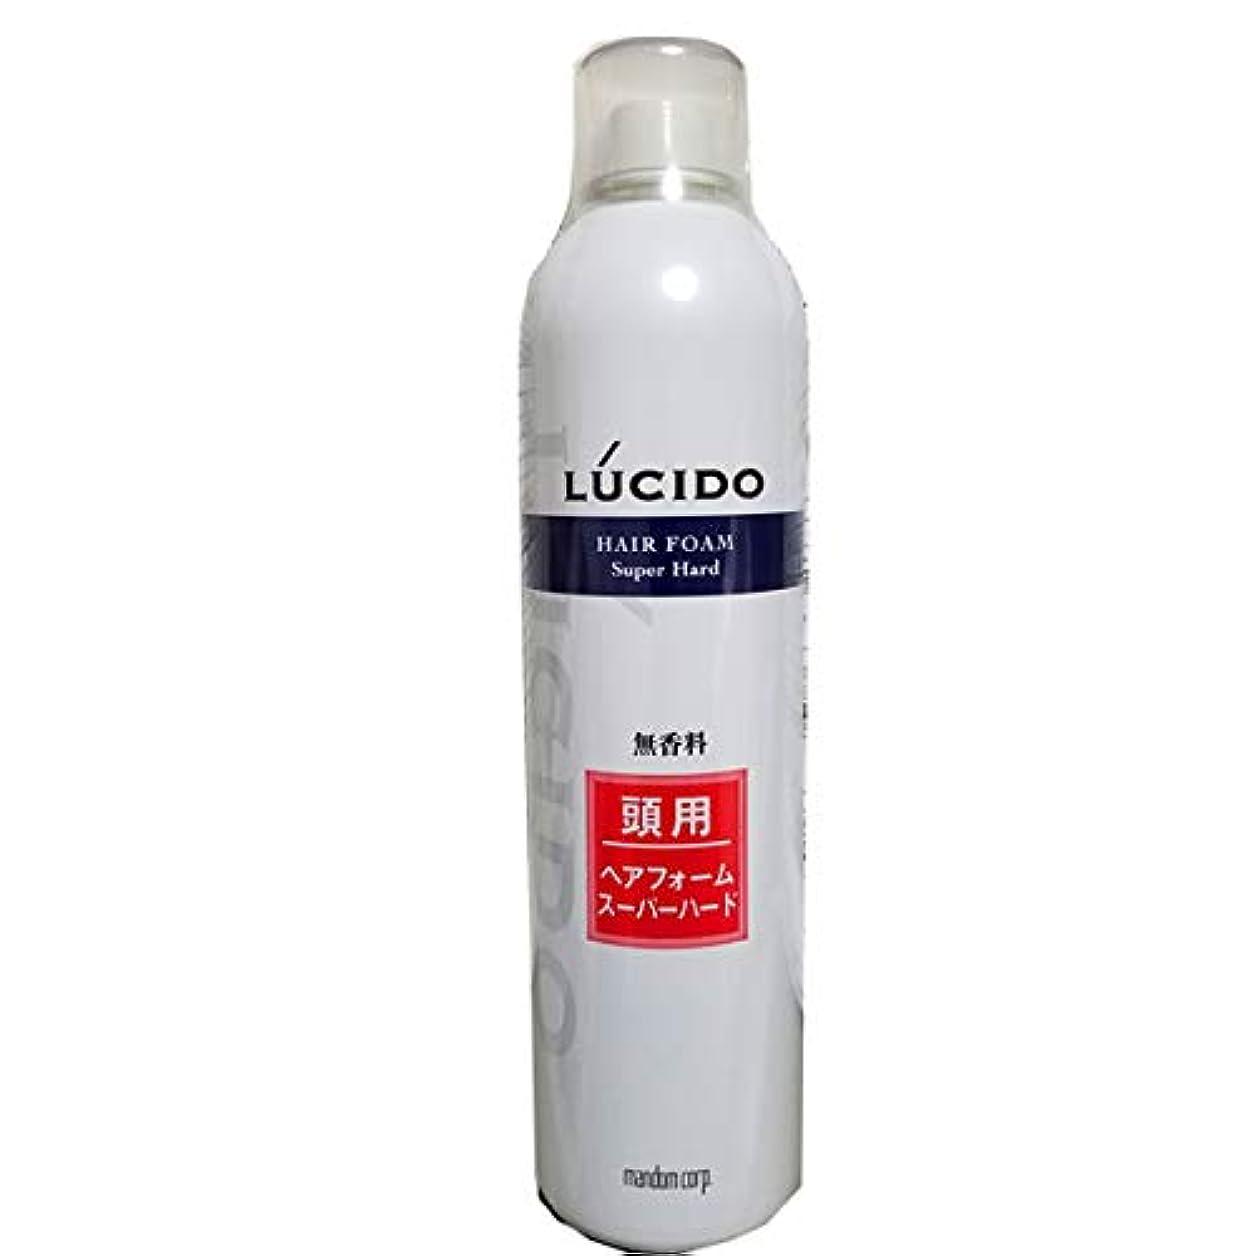 製作前売所有者ルシード ヘアフォーム スーパーハードO 400g 業務用 40才からの髪に。 マンダム